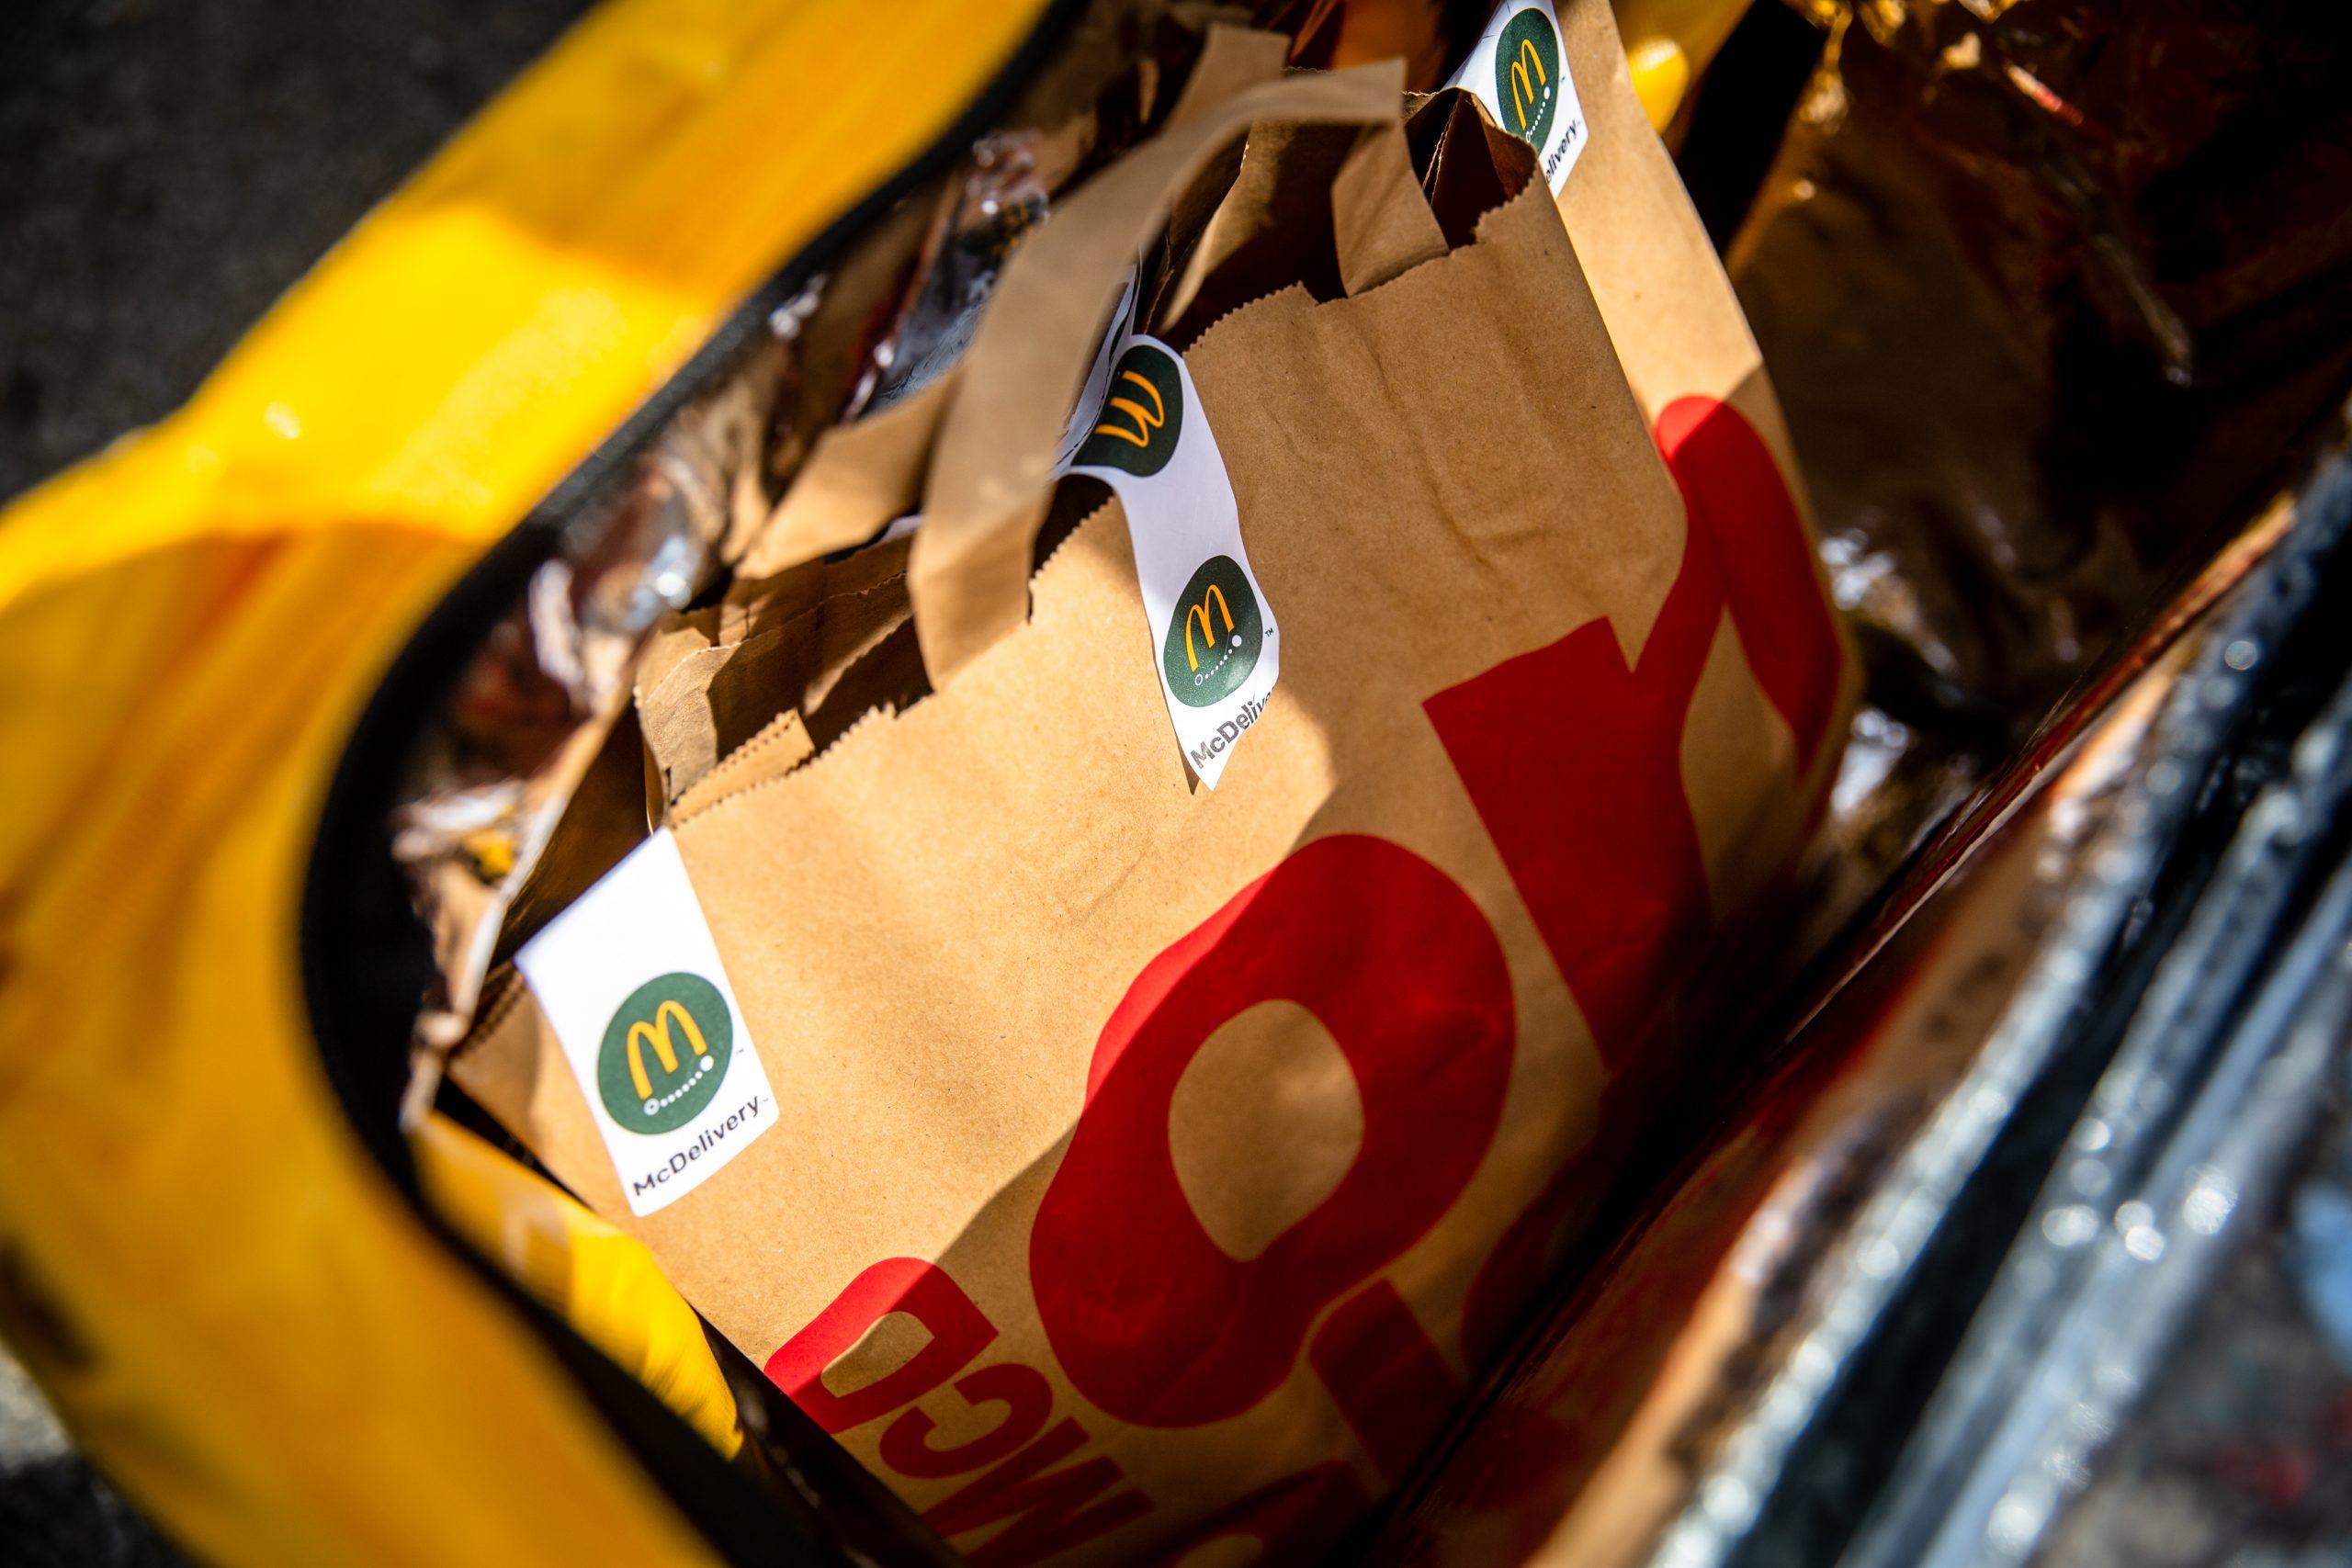 La nourriture de McDonald's dans un sac McDonald's